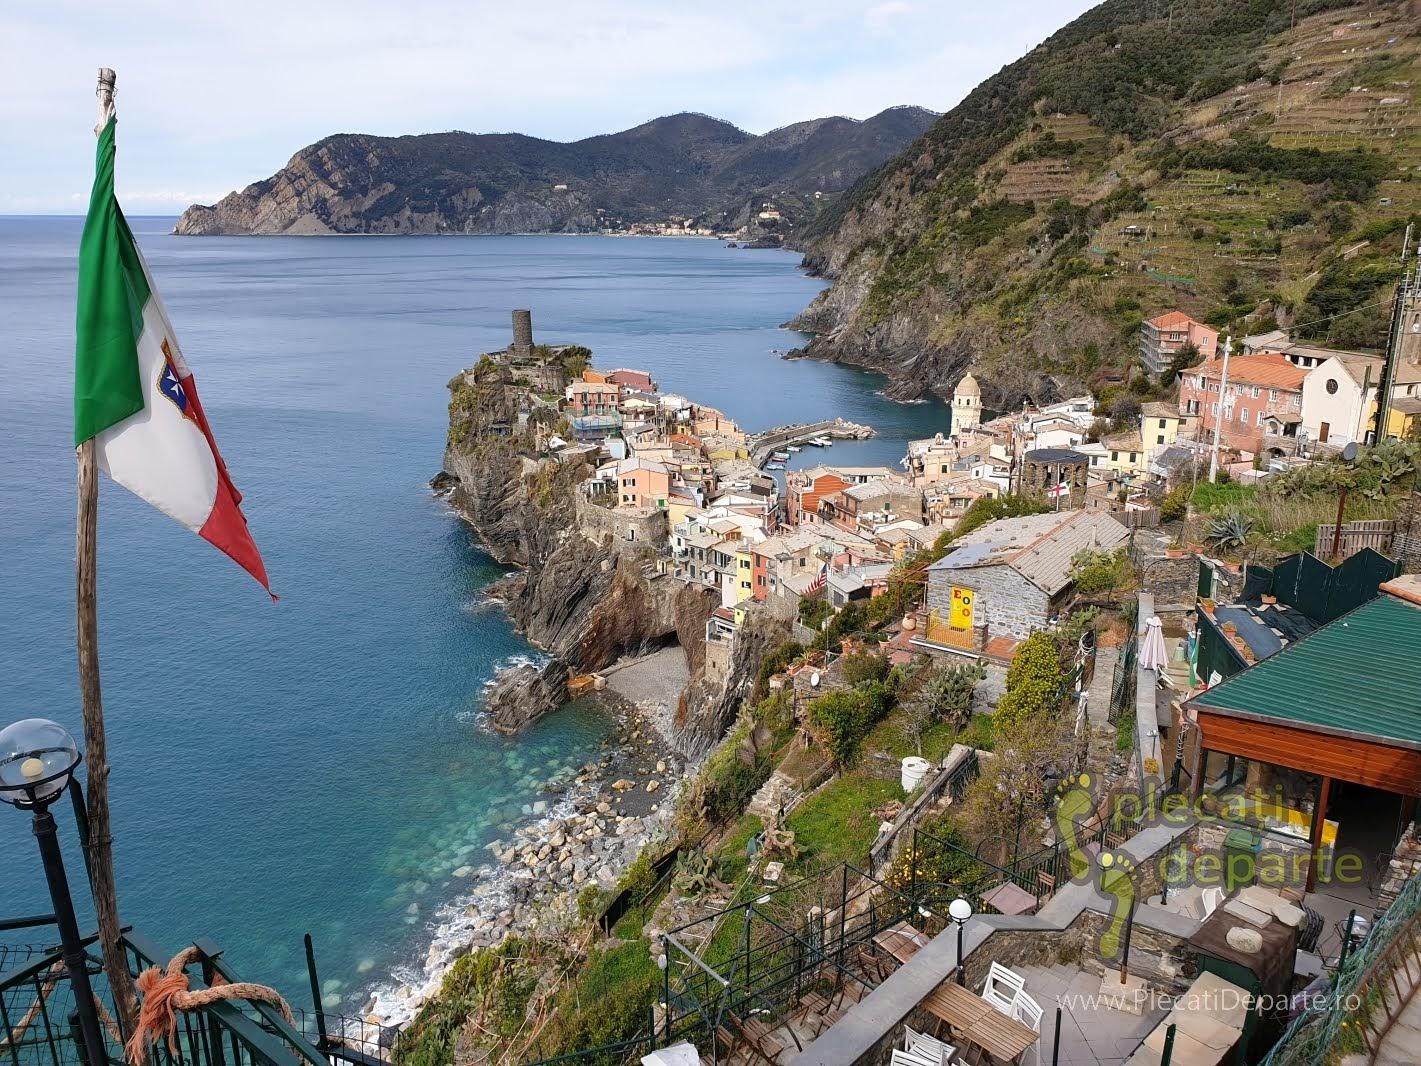 cinque terre, cinque terre pareri, cinque terre harta, Vernazza, cinque terre parc, acvariul genova, italia, cinque terre de vizitat